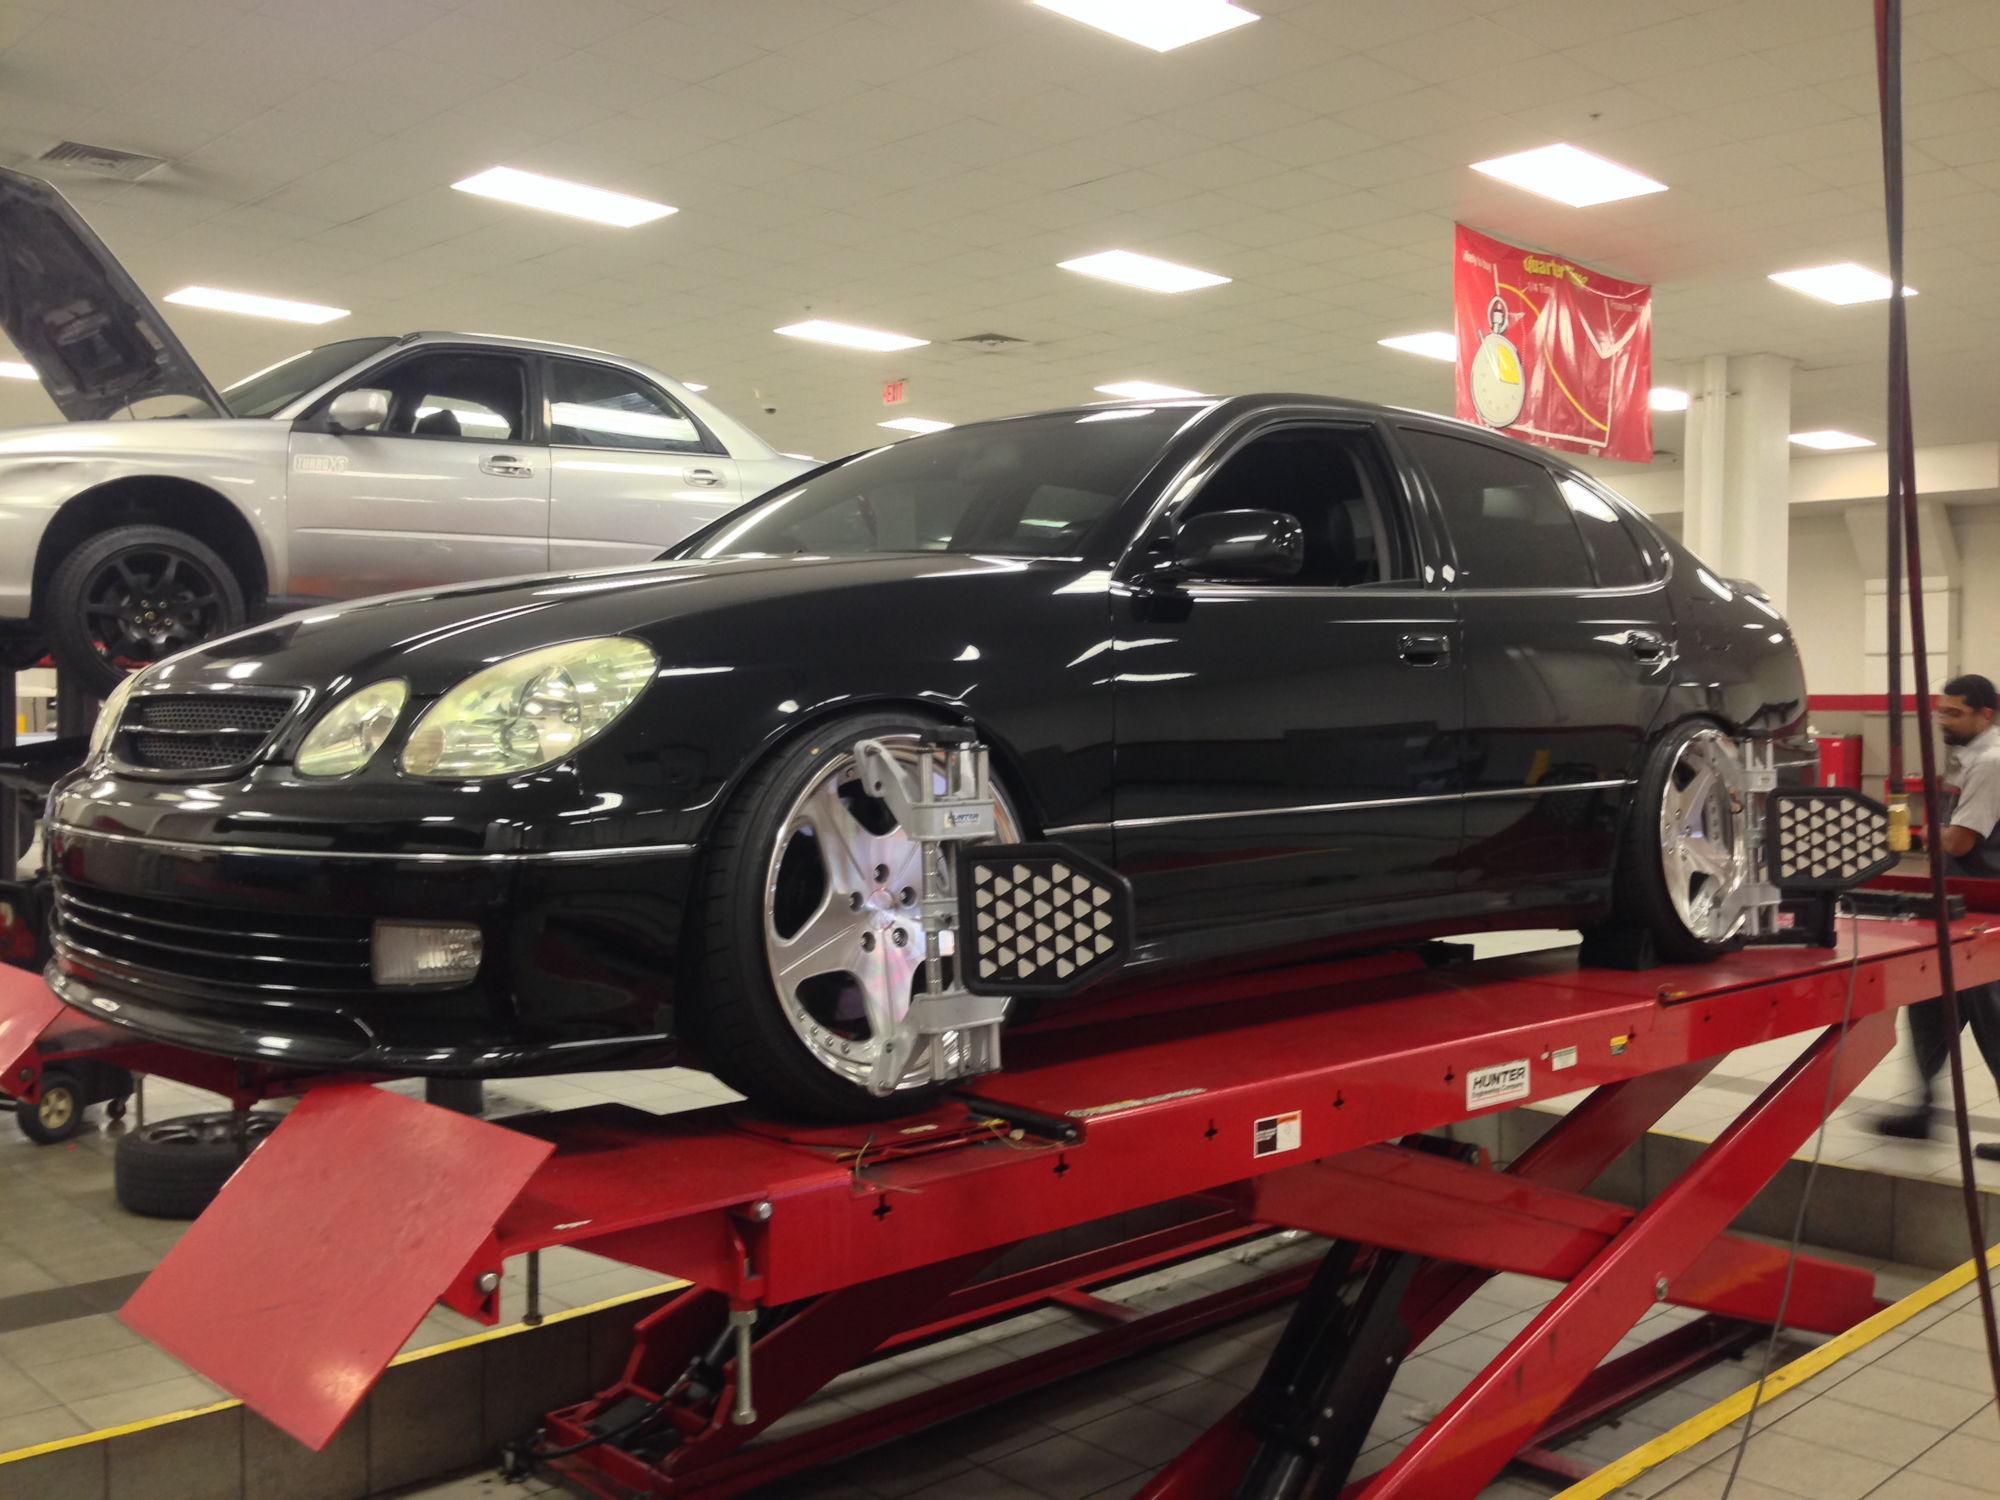 Another GTE Swap Page 2 ClubLexus Lexus Forum Discussion